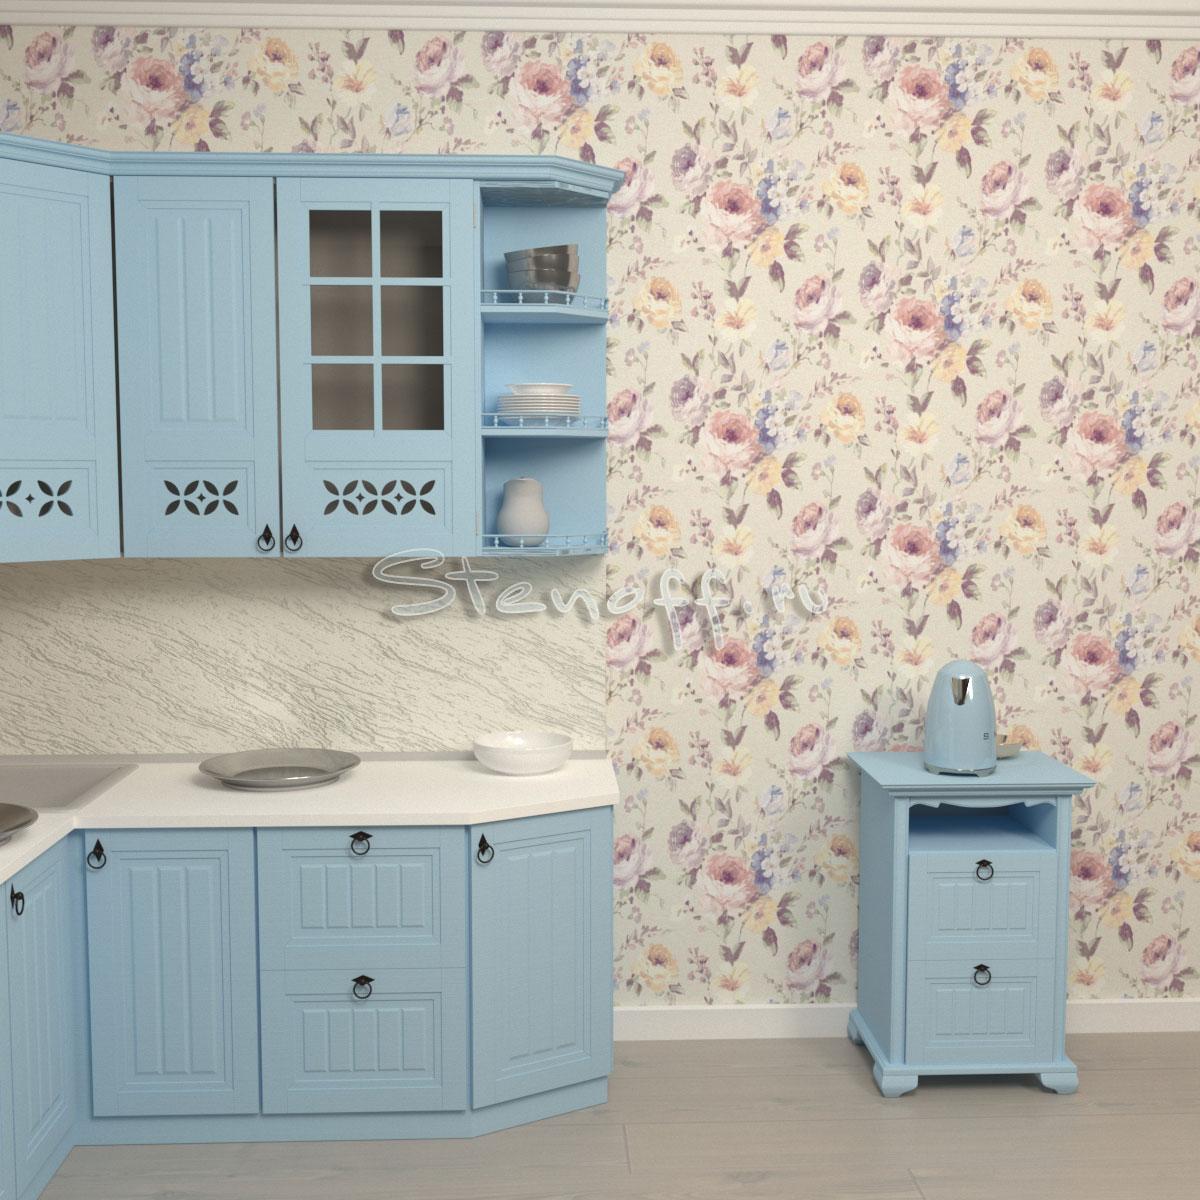 Голубая кухня и обои с цветами